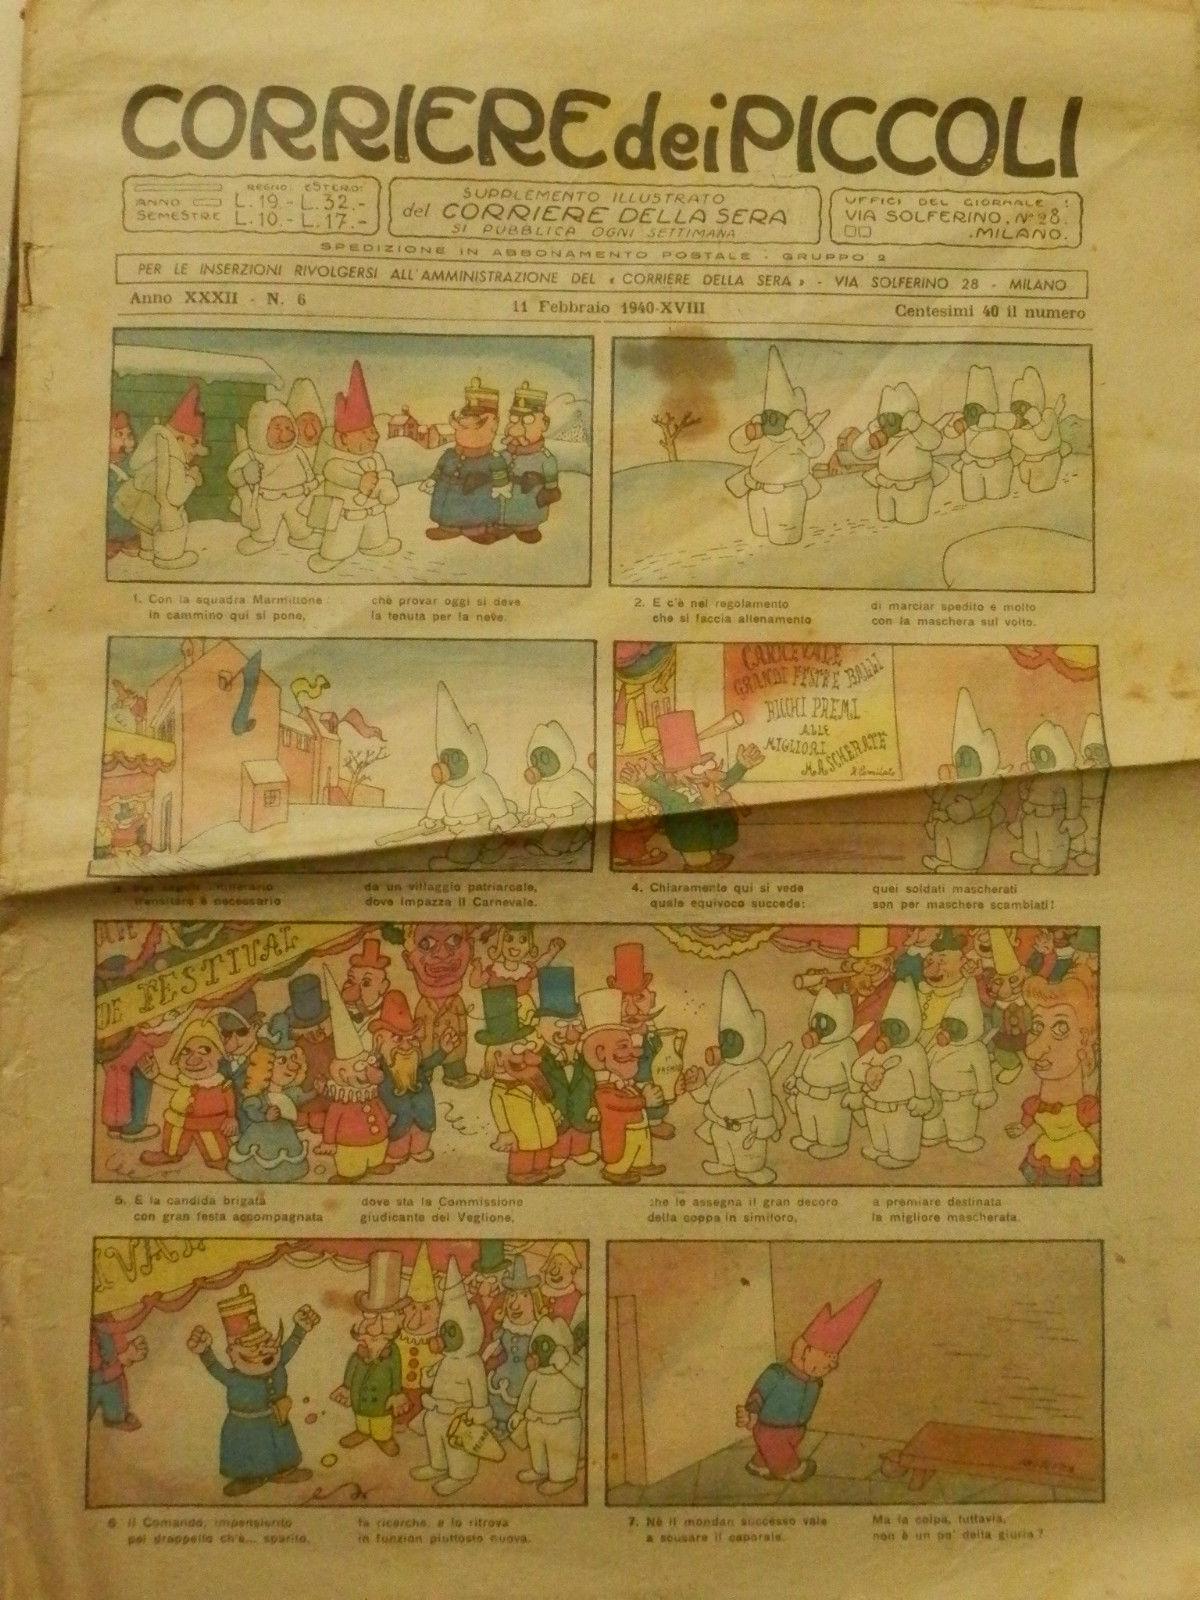 Corriere dei Piccoli Anno XXXII 6